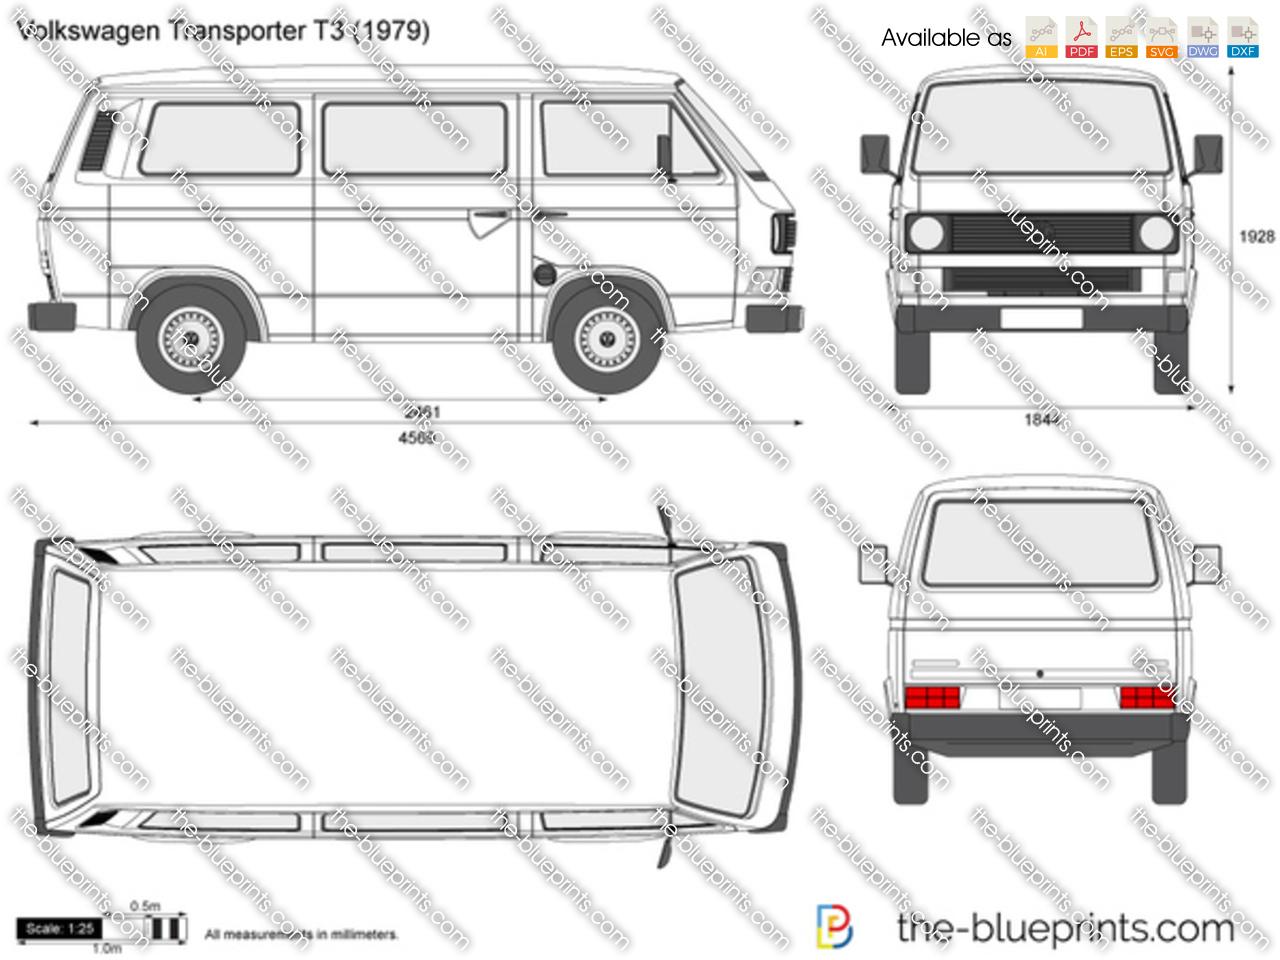 Volkswagen Transporter T3 1989